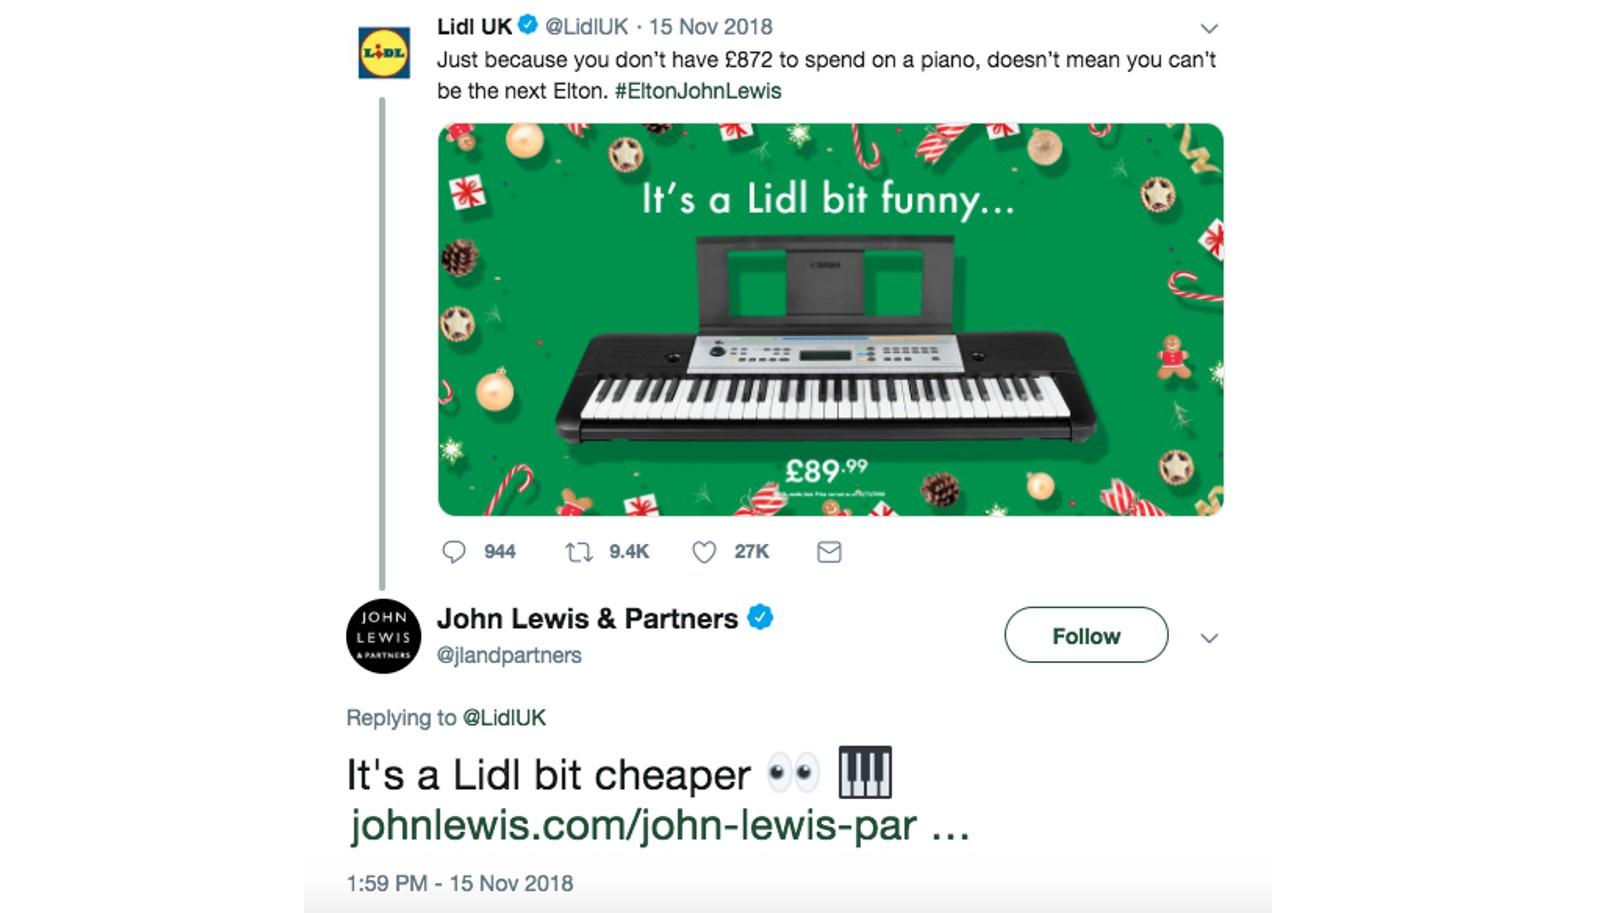 Tweet between Lidl and John Lewis